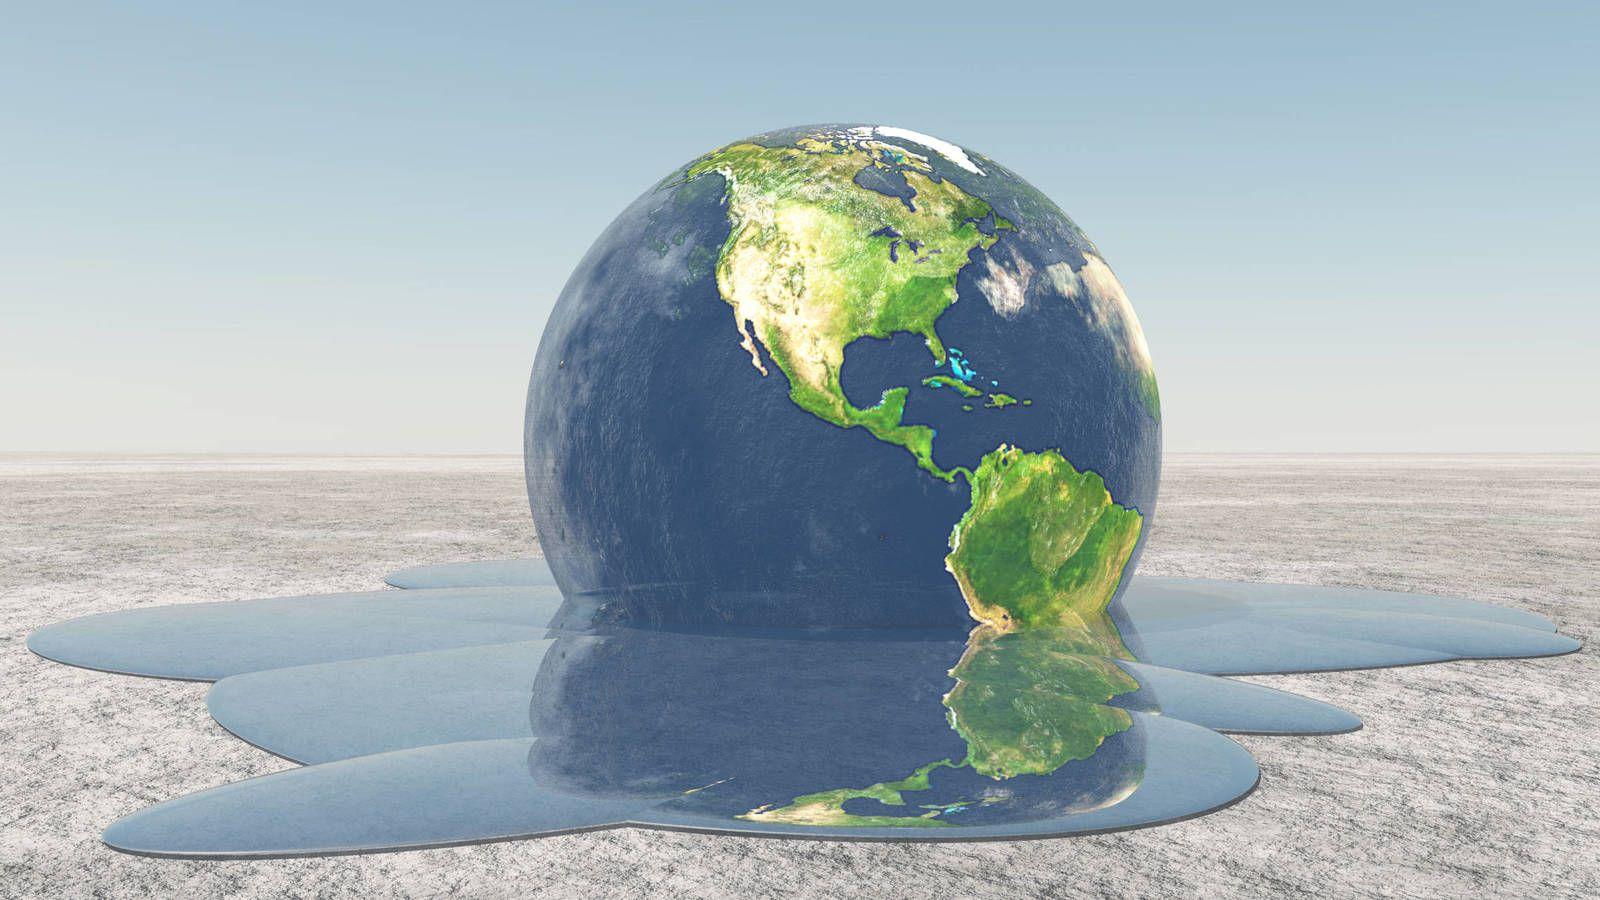 Cambio Climático Y Contaminación Del Aire 5 Semejanzas 5 Diferencias Y 5 Reflexiones Cambio Climatico Calentamiento Global Climatico